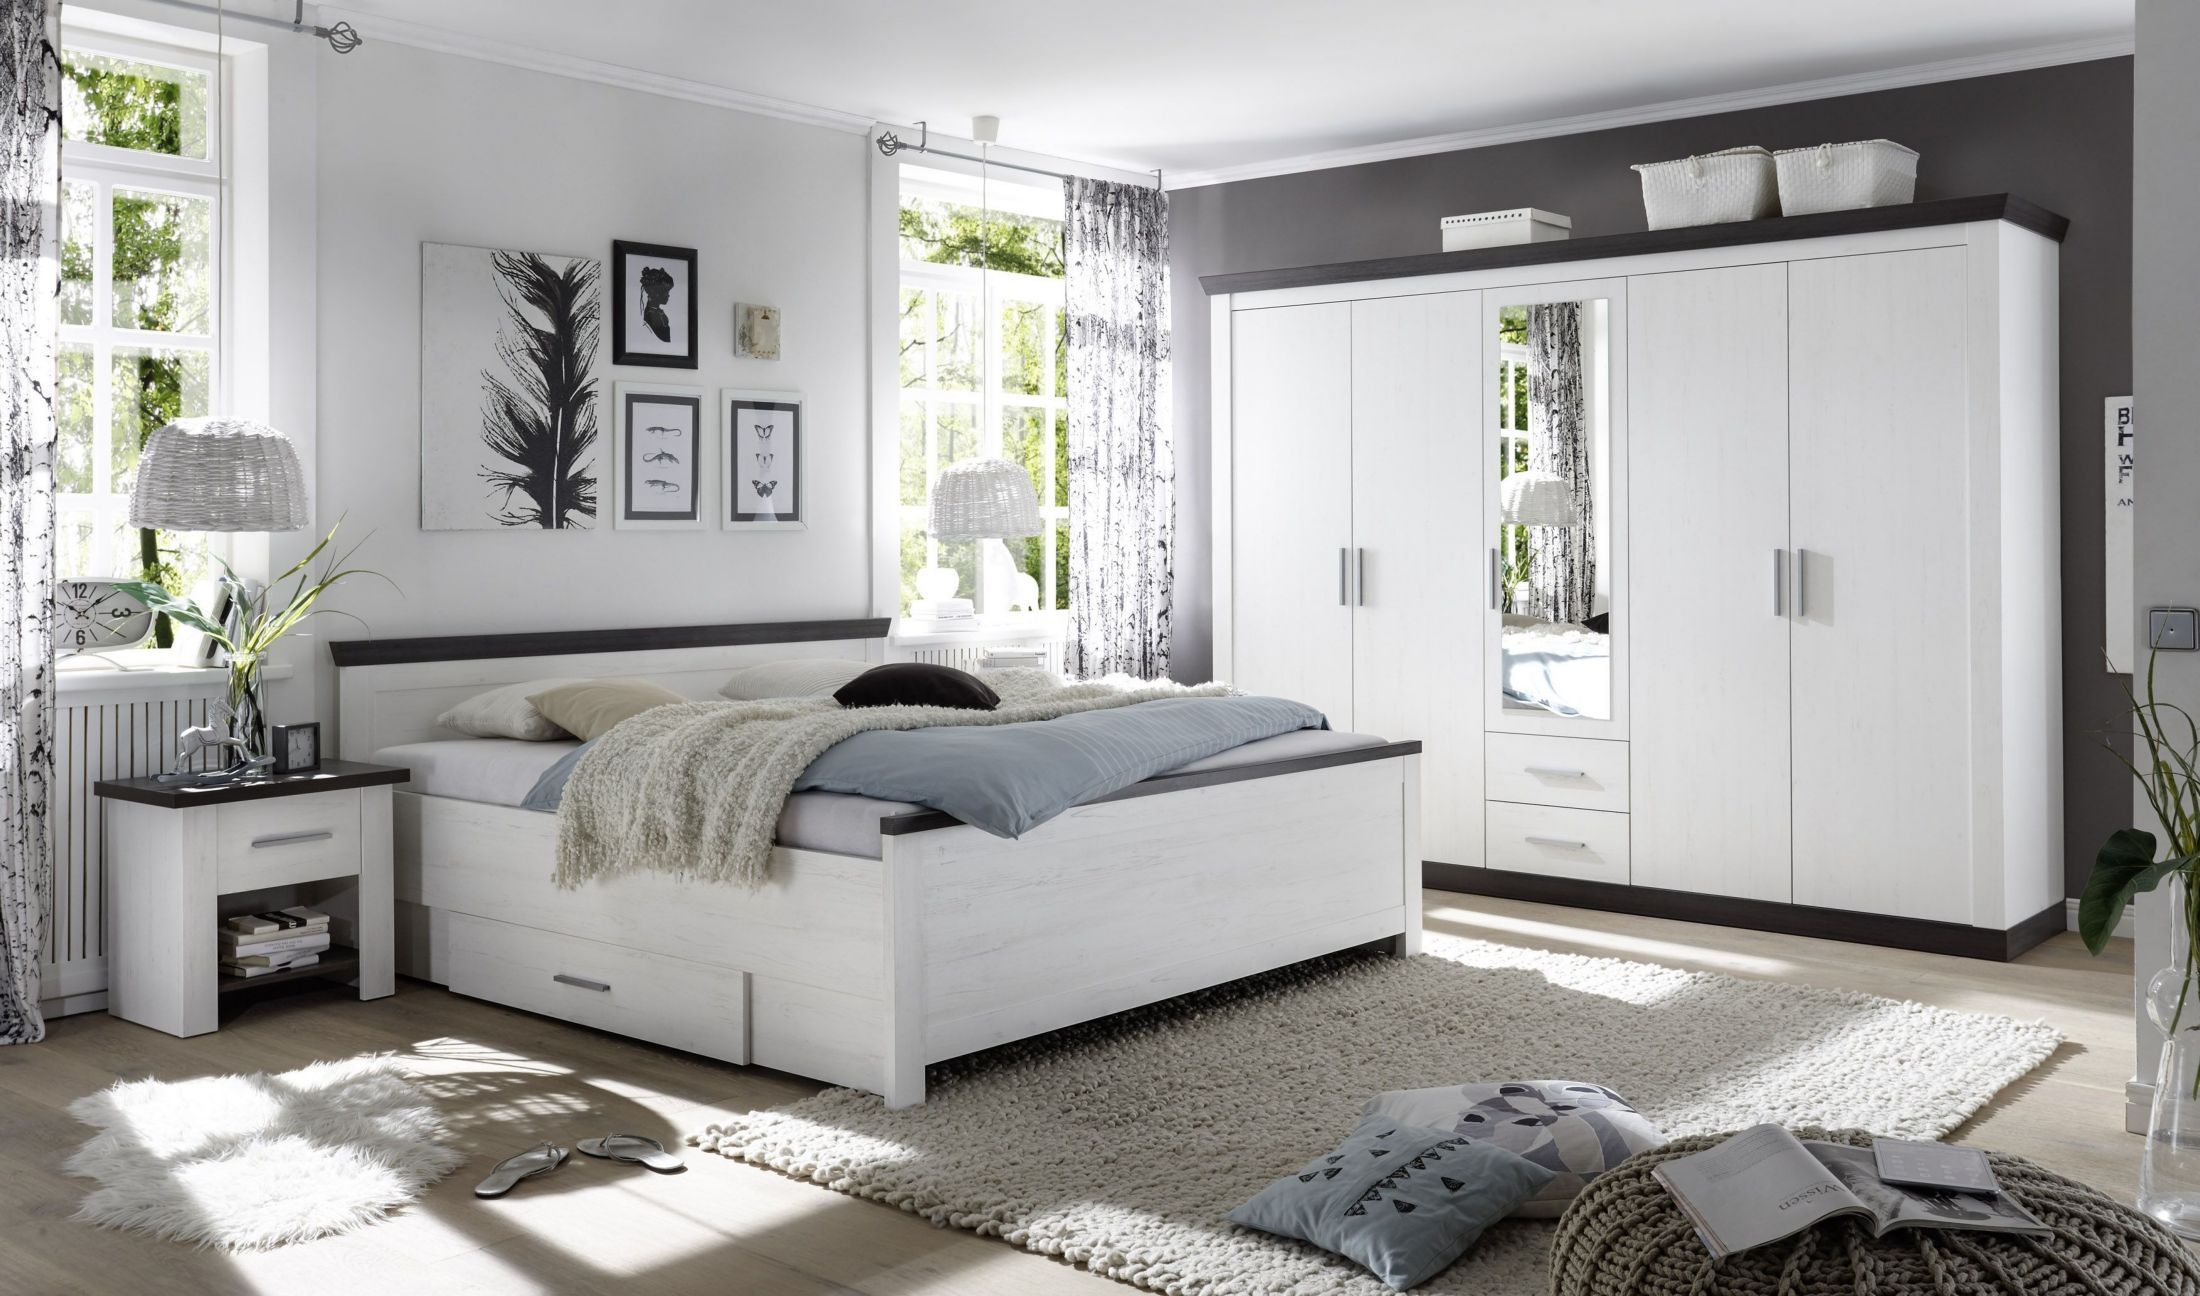 Schlafzimmer Mit Bett 180x200 Cm Pinie Weiss Woody 16 00693 Holz Modern  Jetzt Bestellen Unter